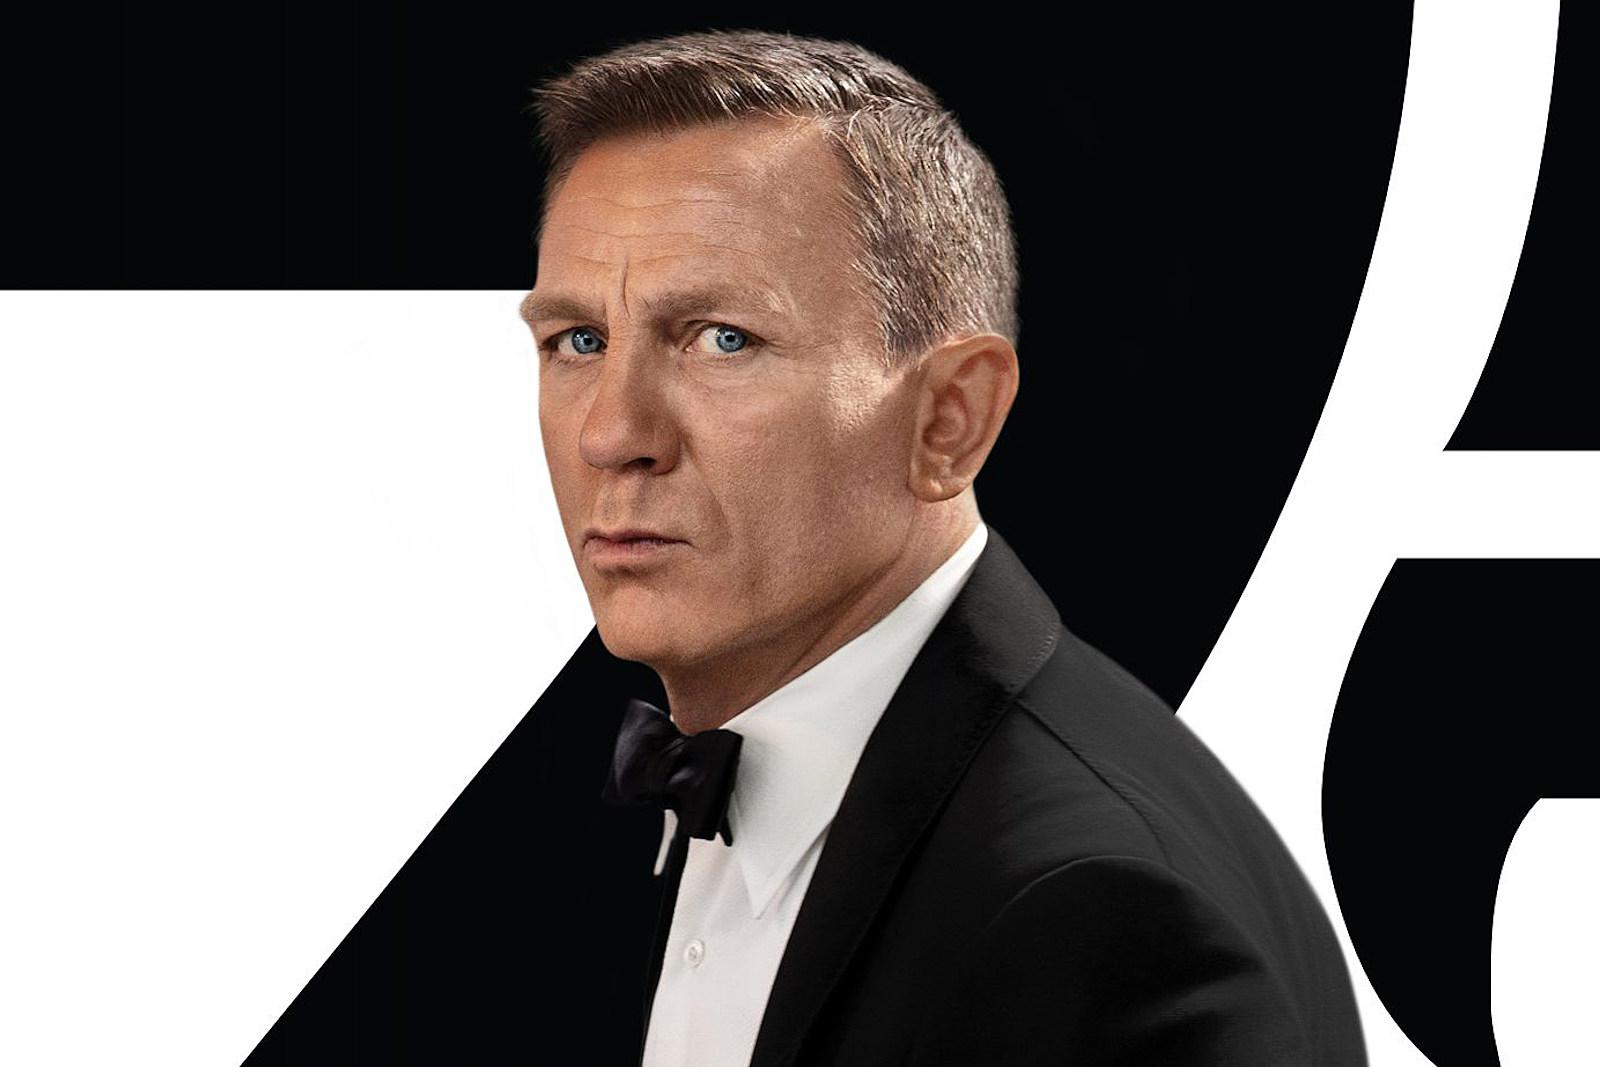 Daniel Craig Doesn't Believe Next James Bond Should Be a Woman